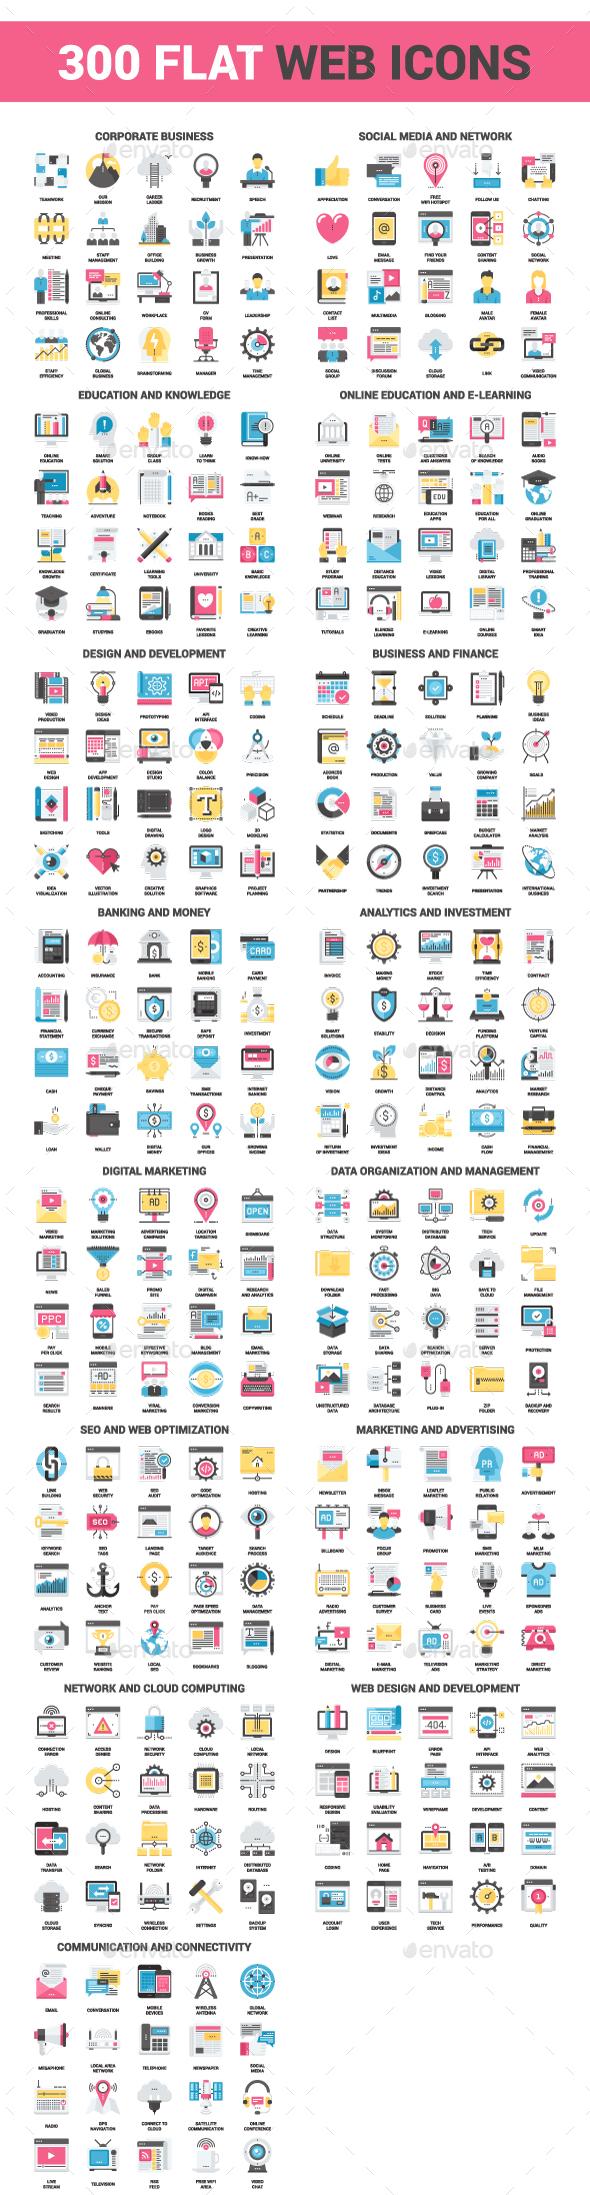 300 Flat Web Icons Bundle